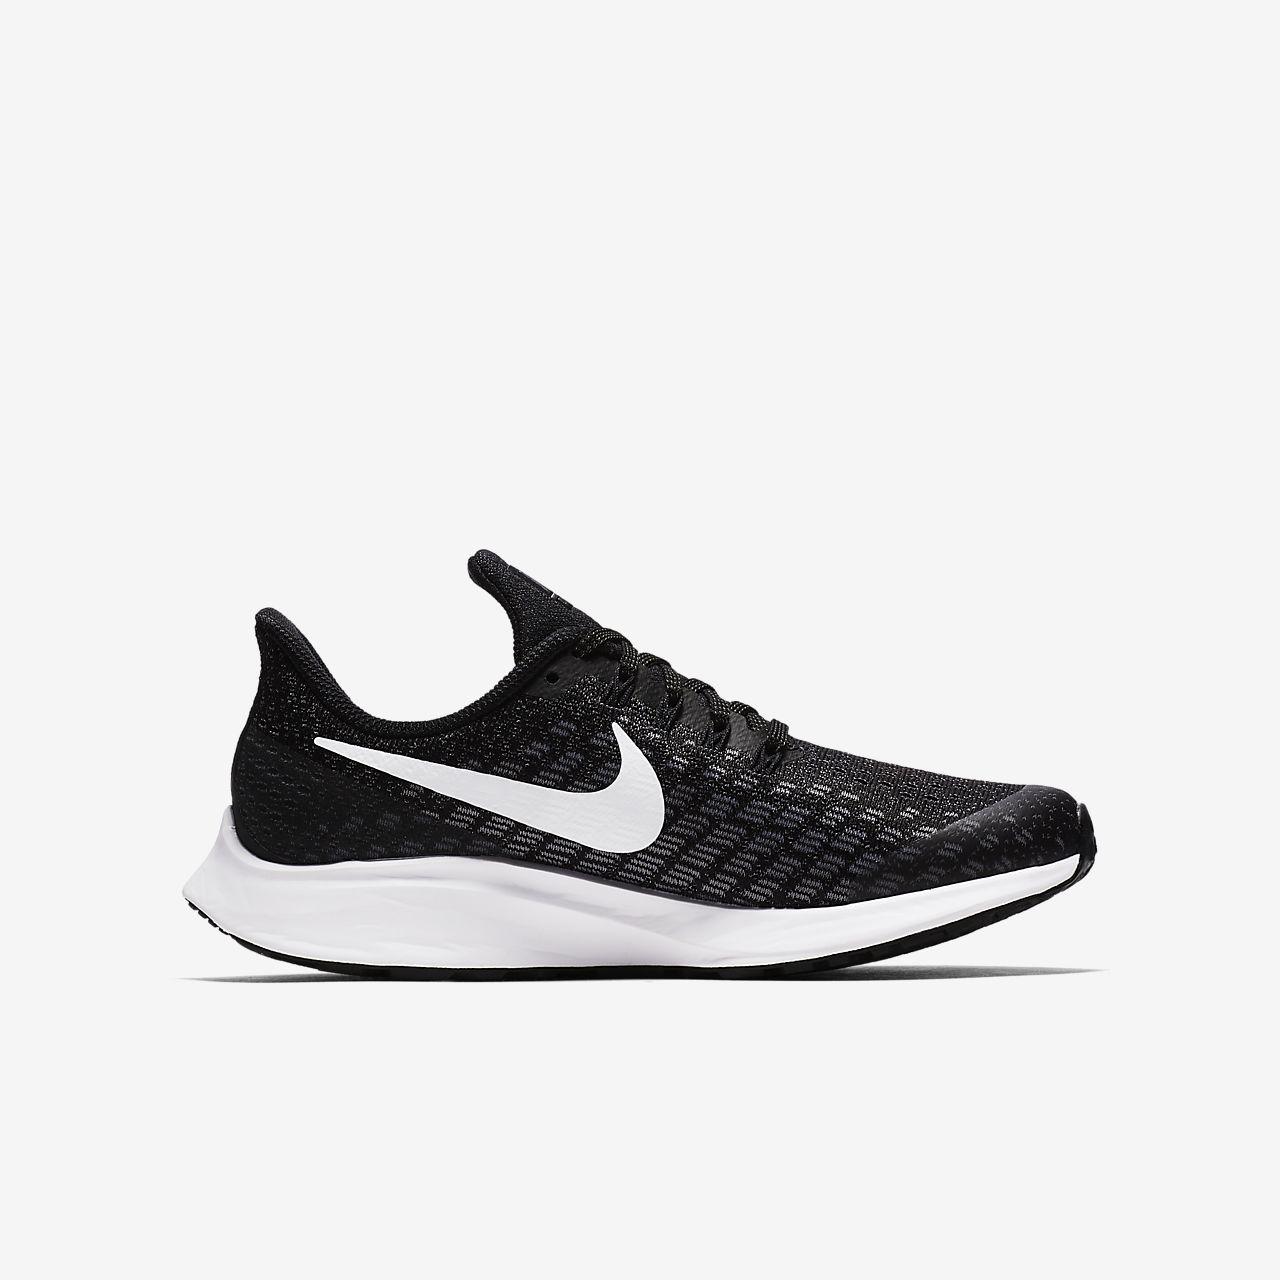 super popular ff6ea e26a2 ... Chaussure de running Nike Air Zoom Pegasus 35 pour Jeune enfant Enfant  plus âgé